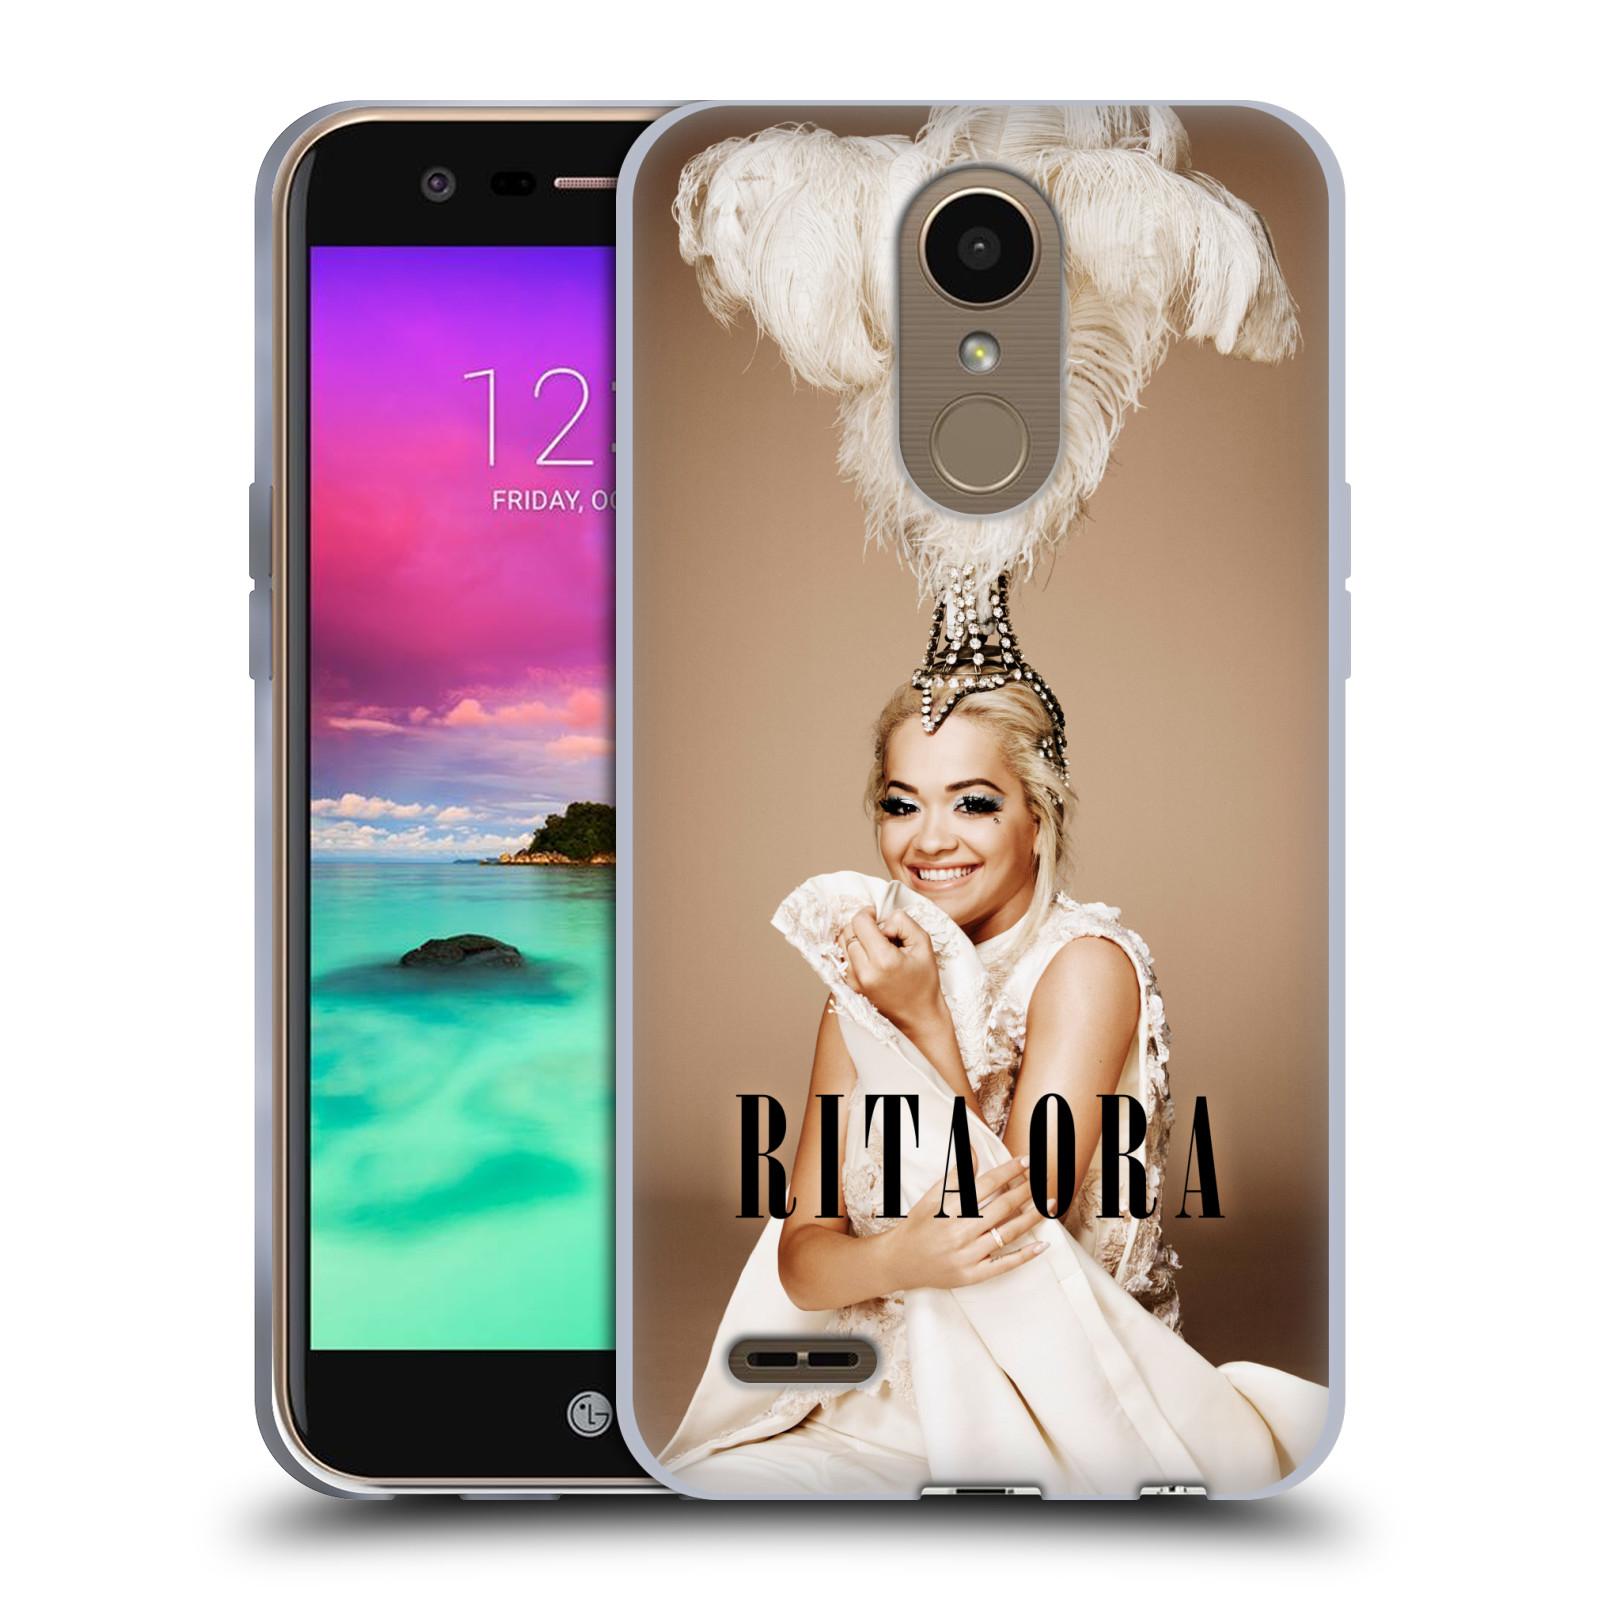 HEAD CASE silikonový obal na mobil LG K10 2017 / K10 2017 DUAL SIM zpěvačka Rita Ora peří